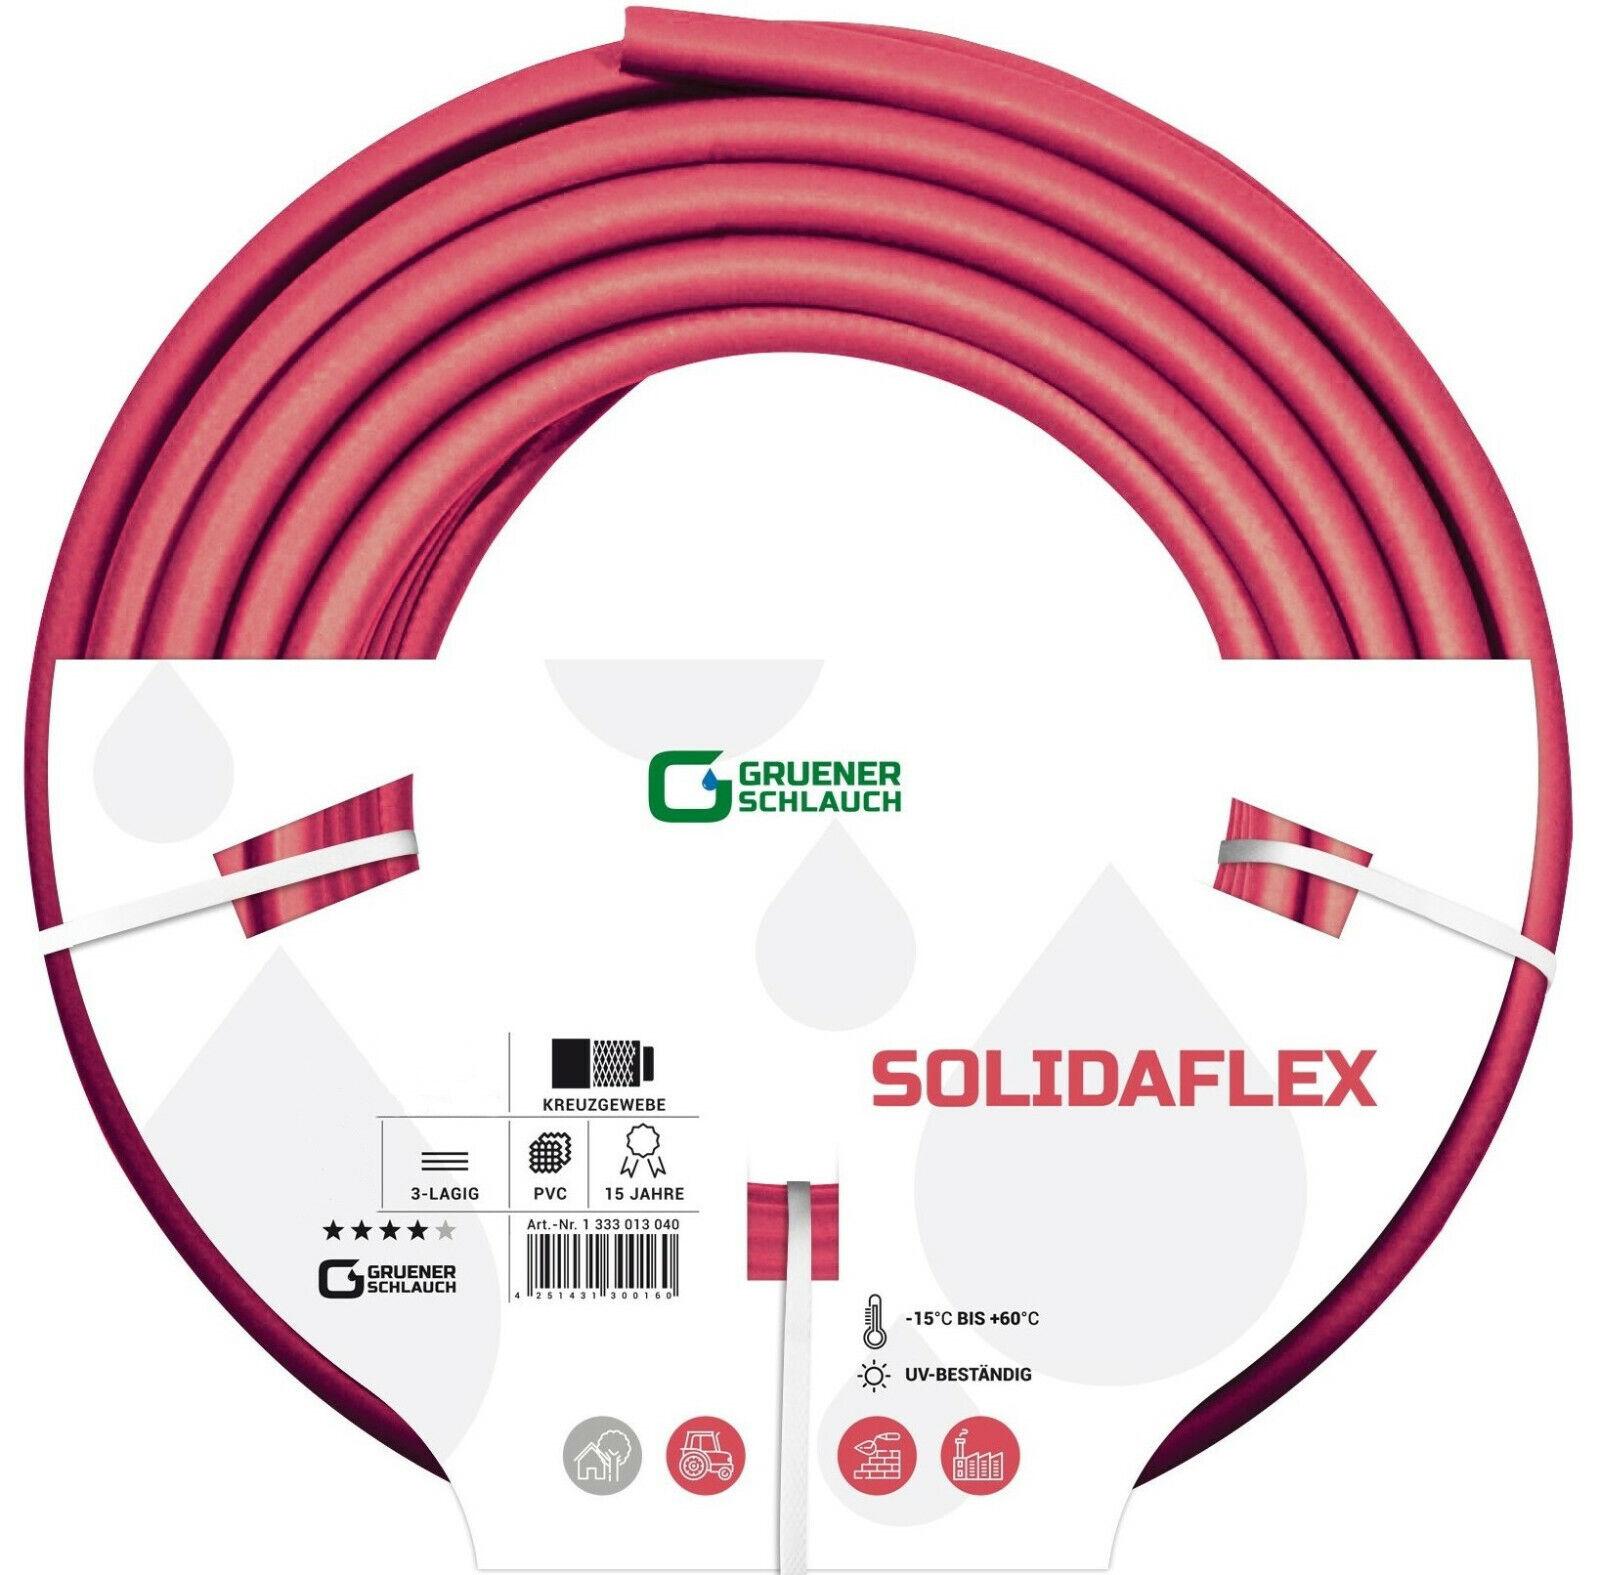 Gartenschlauch SOLIDAFLEX SOLIDAFLEX SOLIDAFLEX Wasserschlauch Schlauch PVC 1 2  3 4  1  Zoll 20 40m | Günstigen Preis  | Großer Verkauf  | Moderne und stilvolle Mode  676a4a